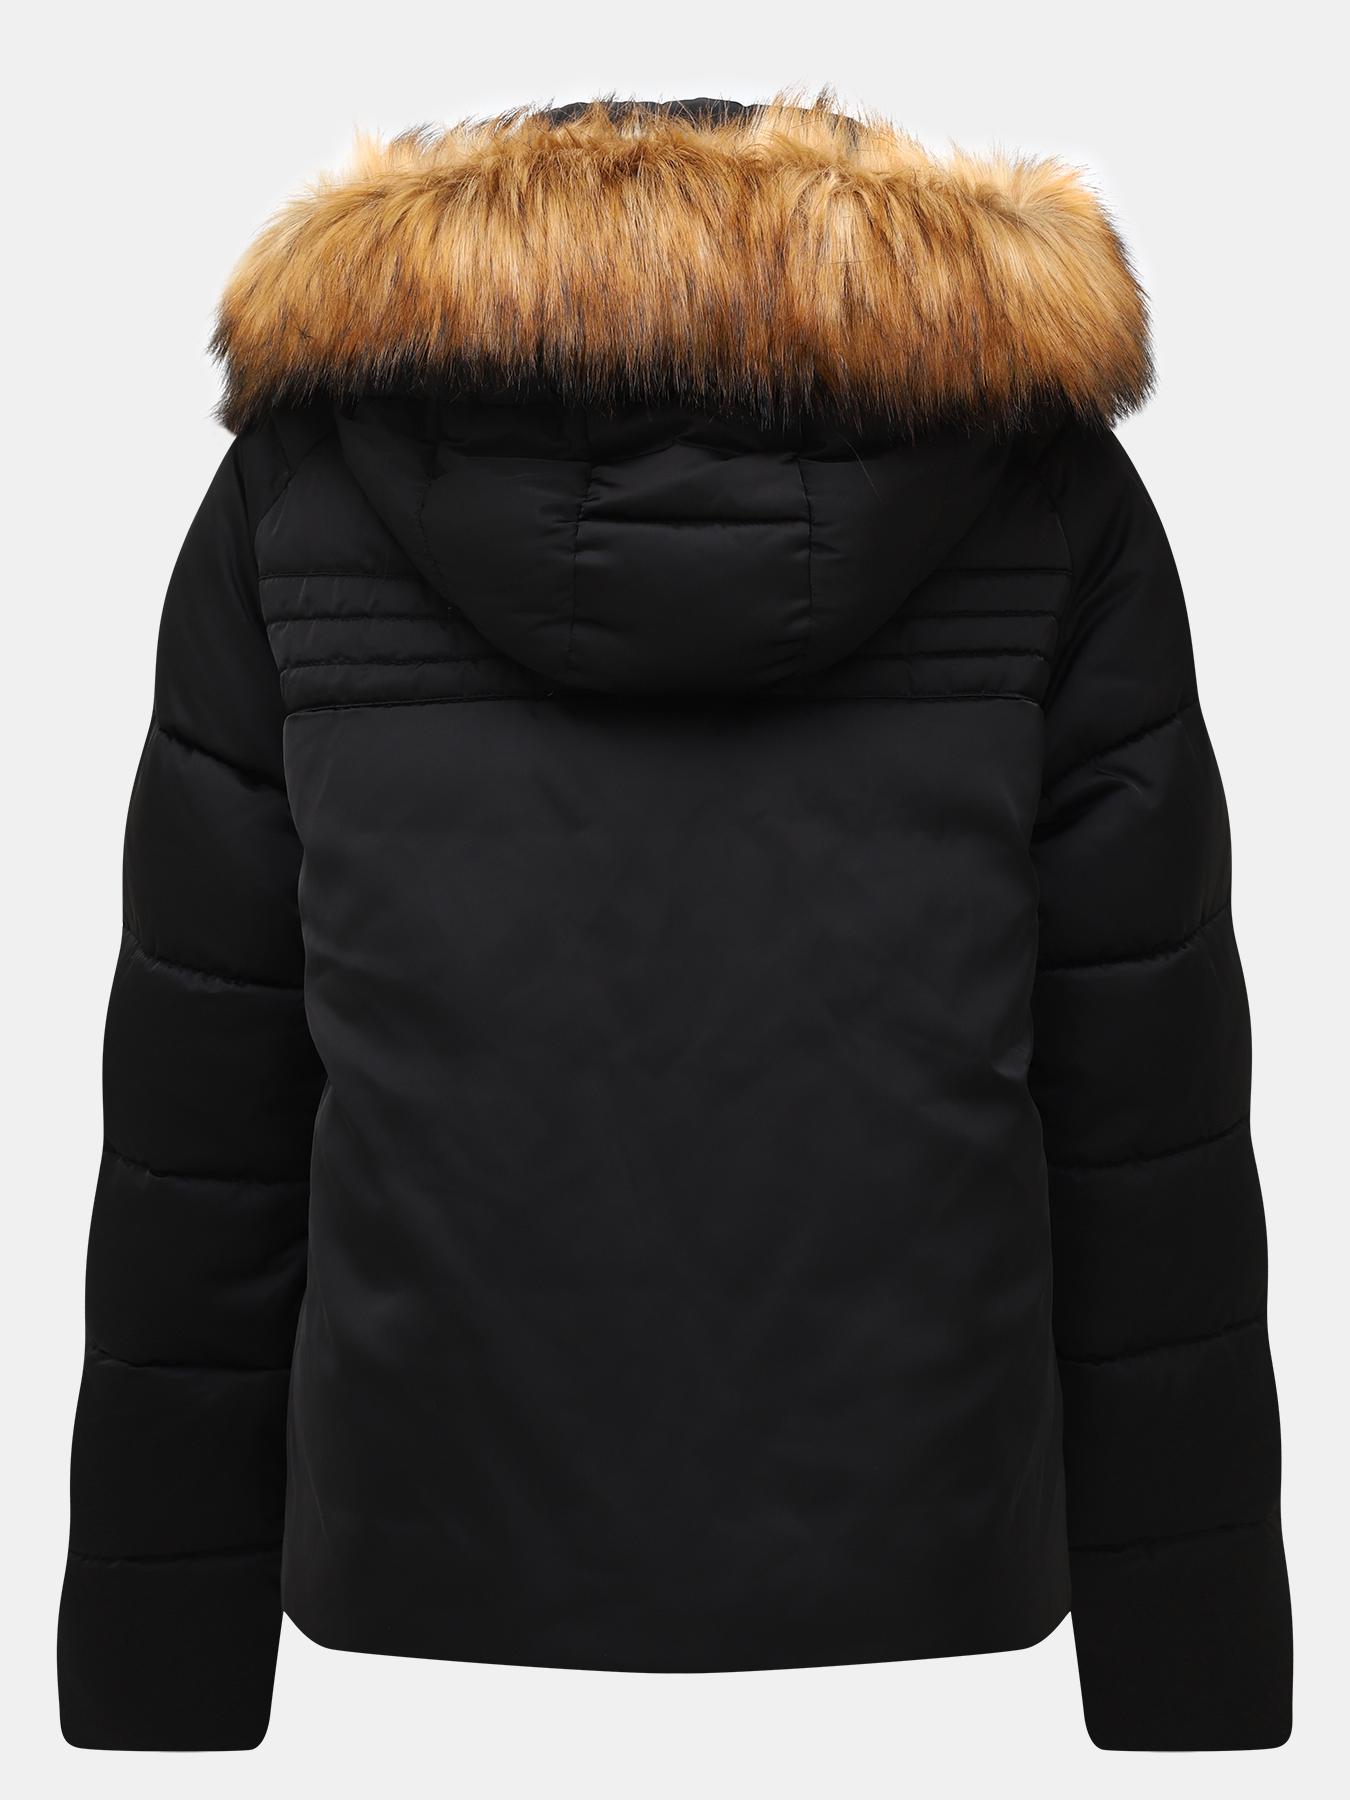 Фото - Куртка Trussardi Jeans Куртка пальто trussardi jeans куртка